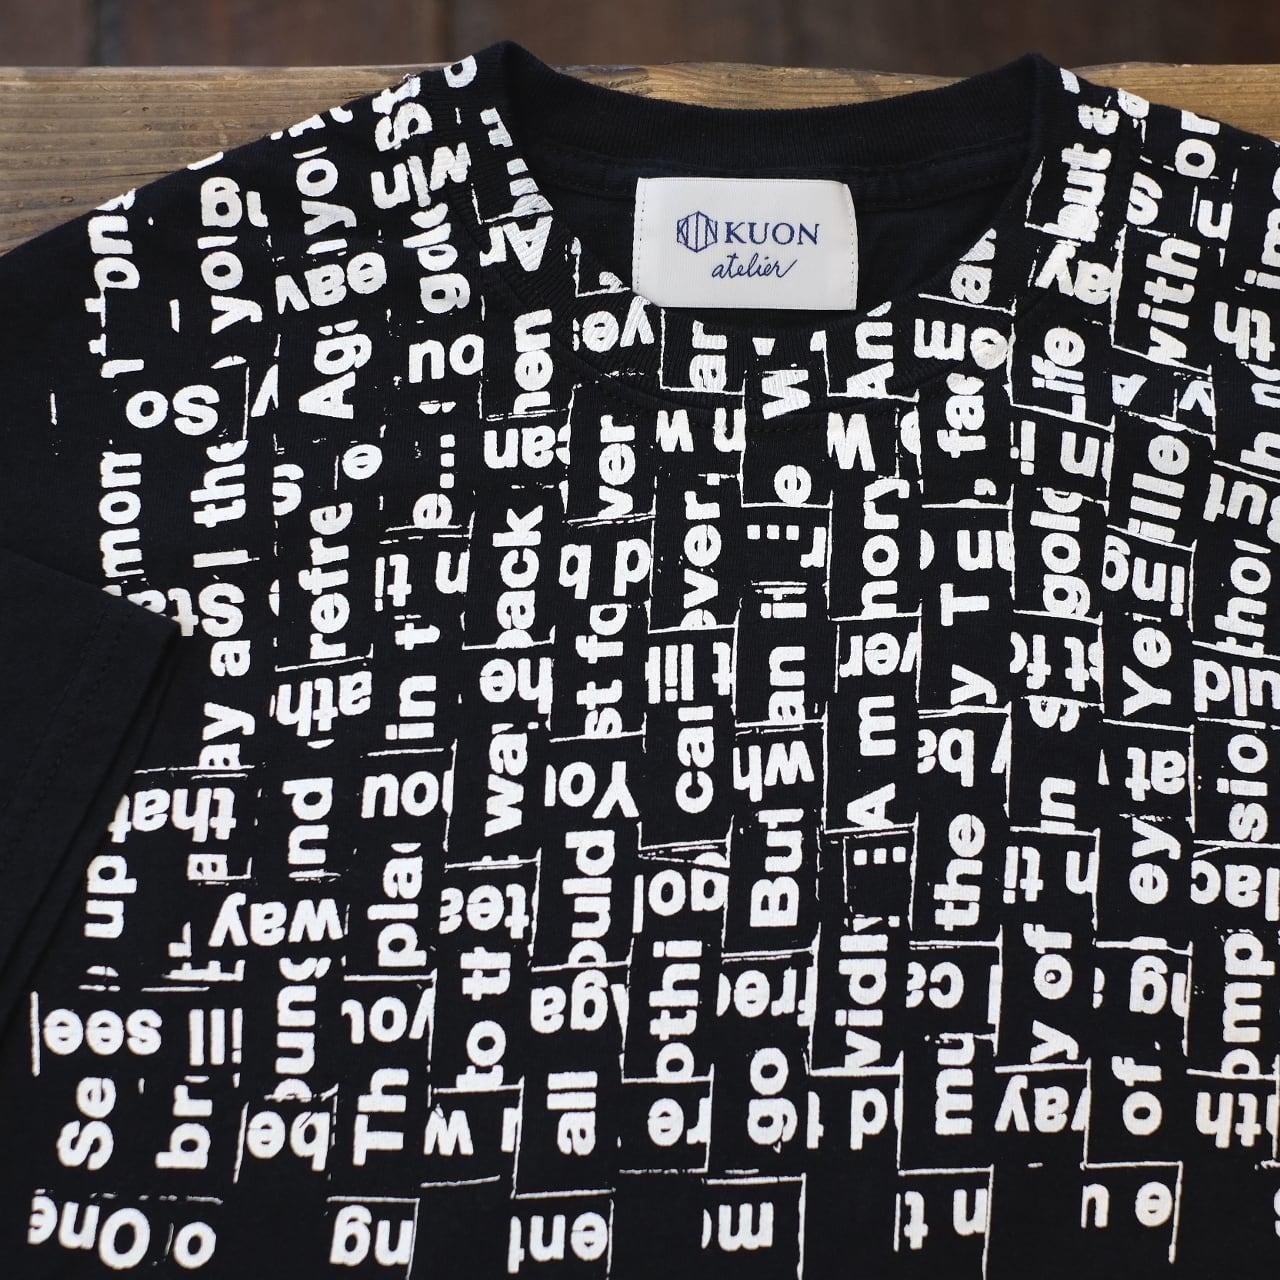 KUON×TAGS WKGPTY 半袖Tシャツ ブラック WOVEN SONG